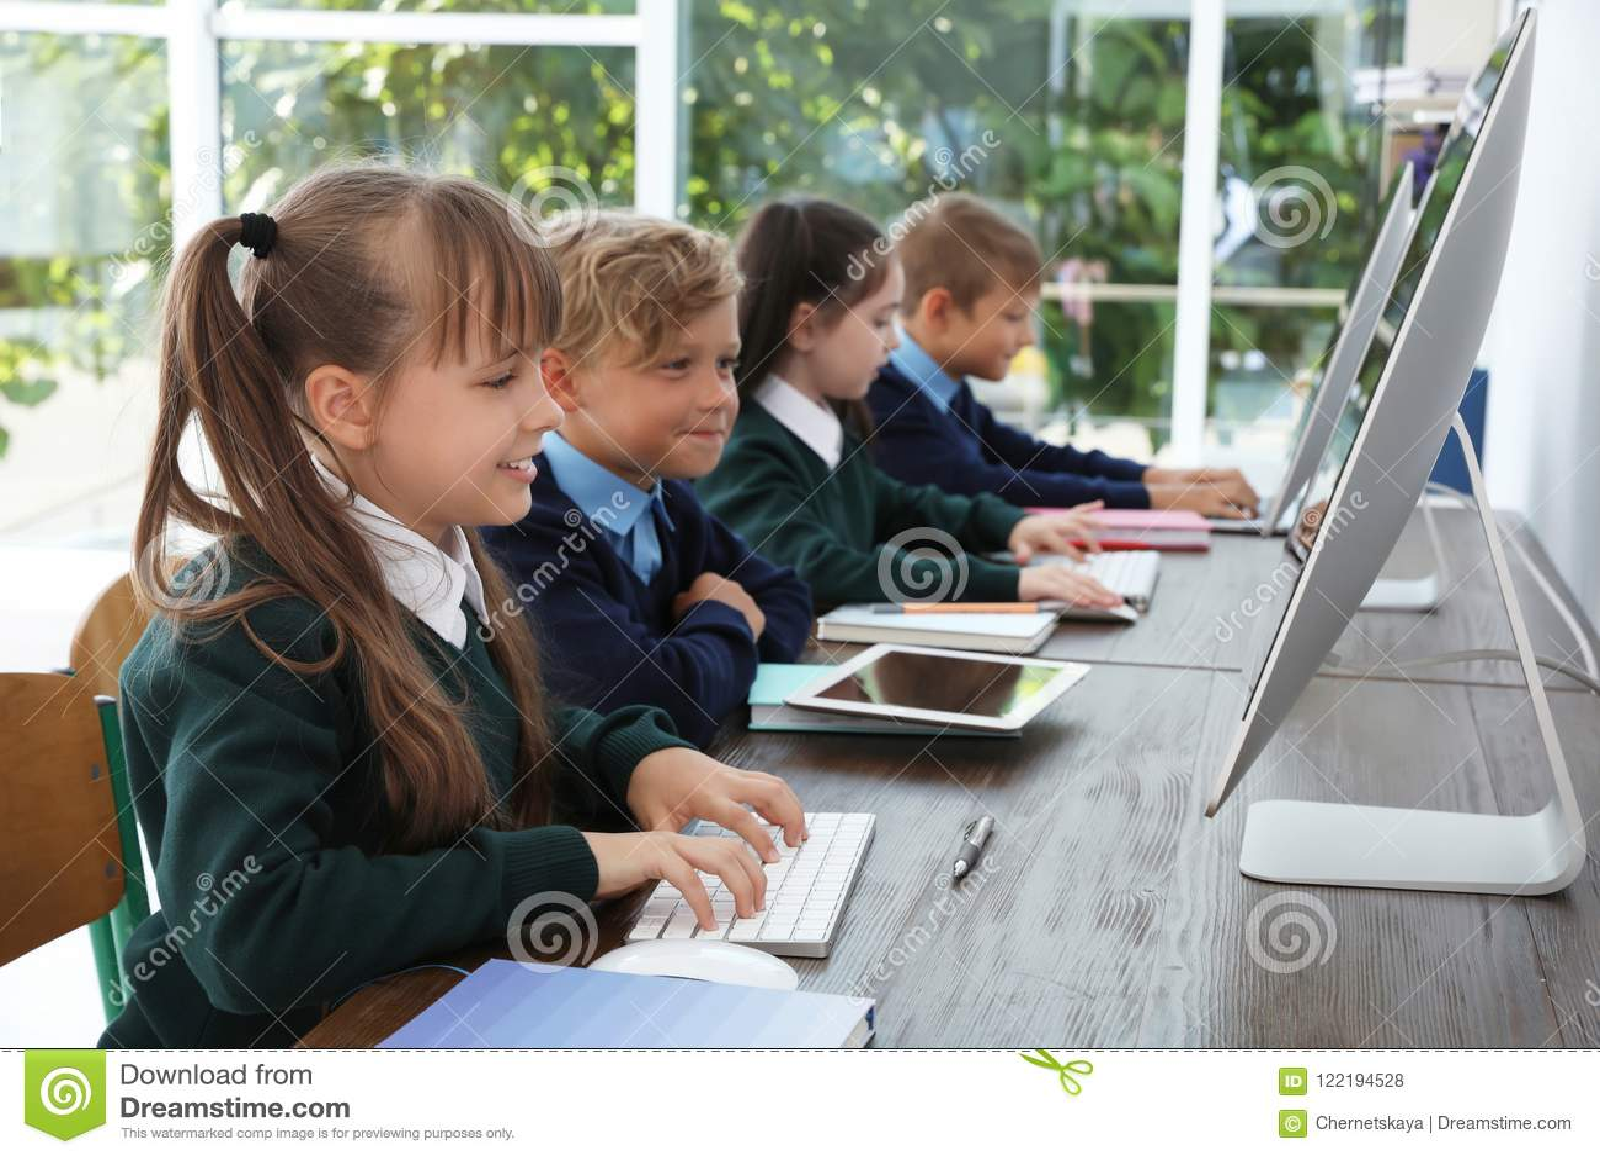 Kleine kinderen in modieuze school eenvormig bij bureaus